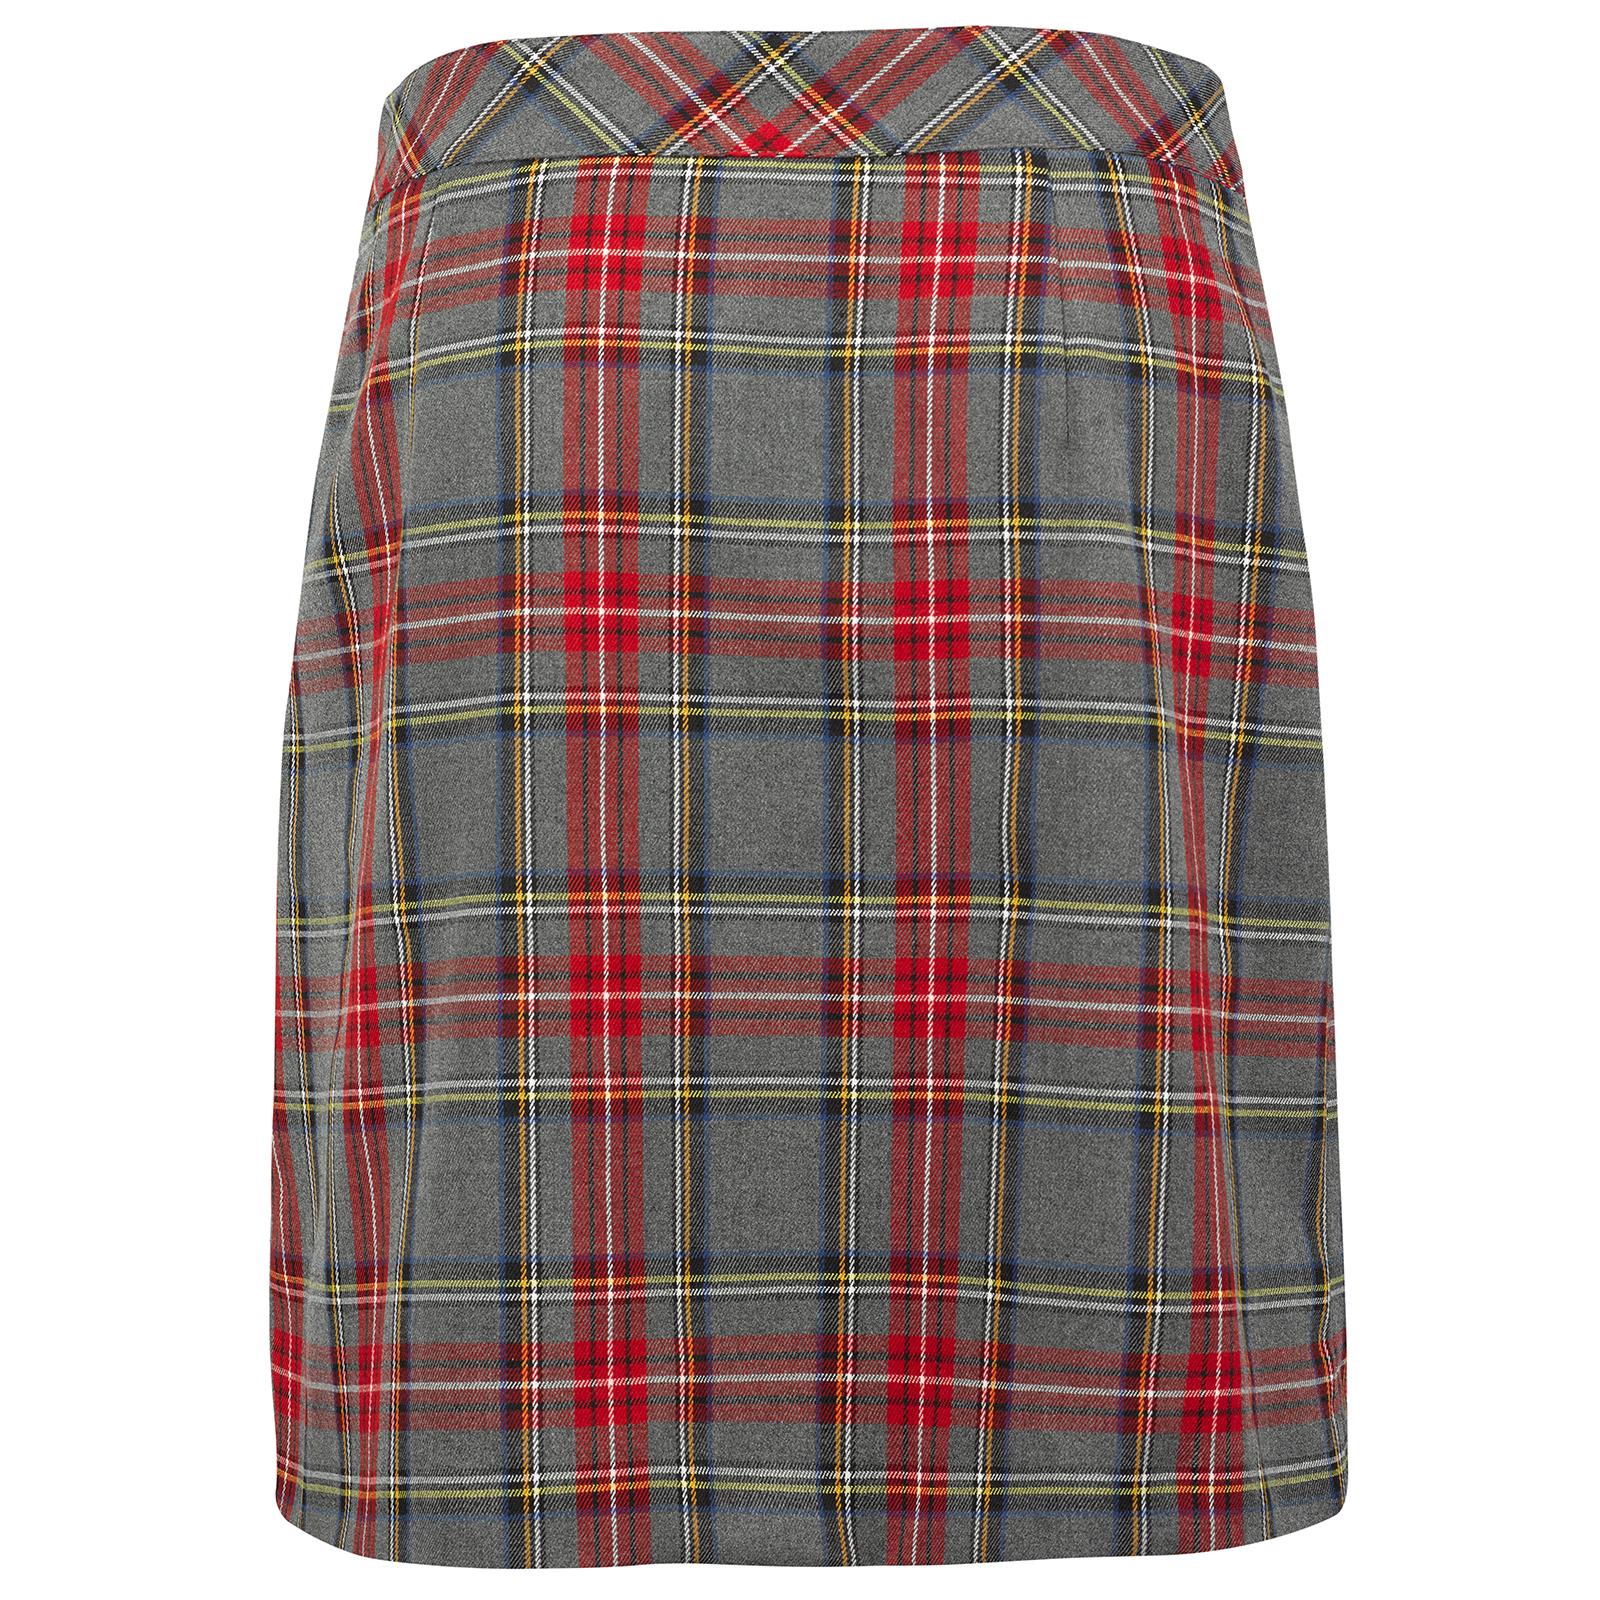 Langer Damen Karo-Golfskort aus softem Stretchmaterial mit innenliegenden Shorts